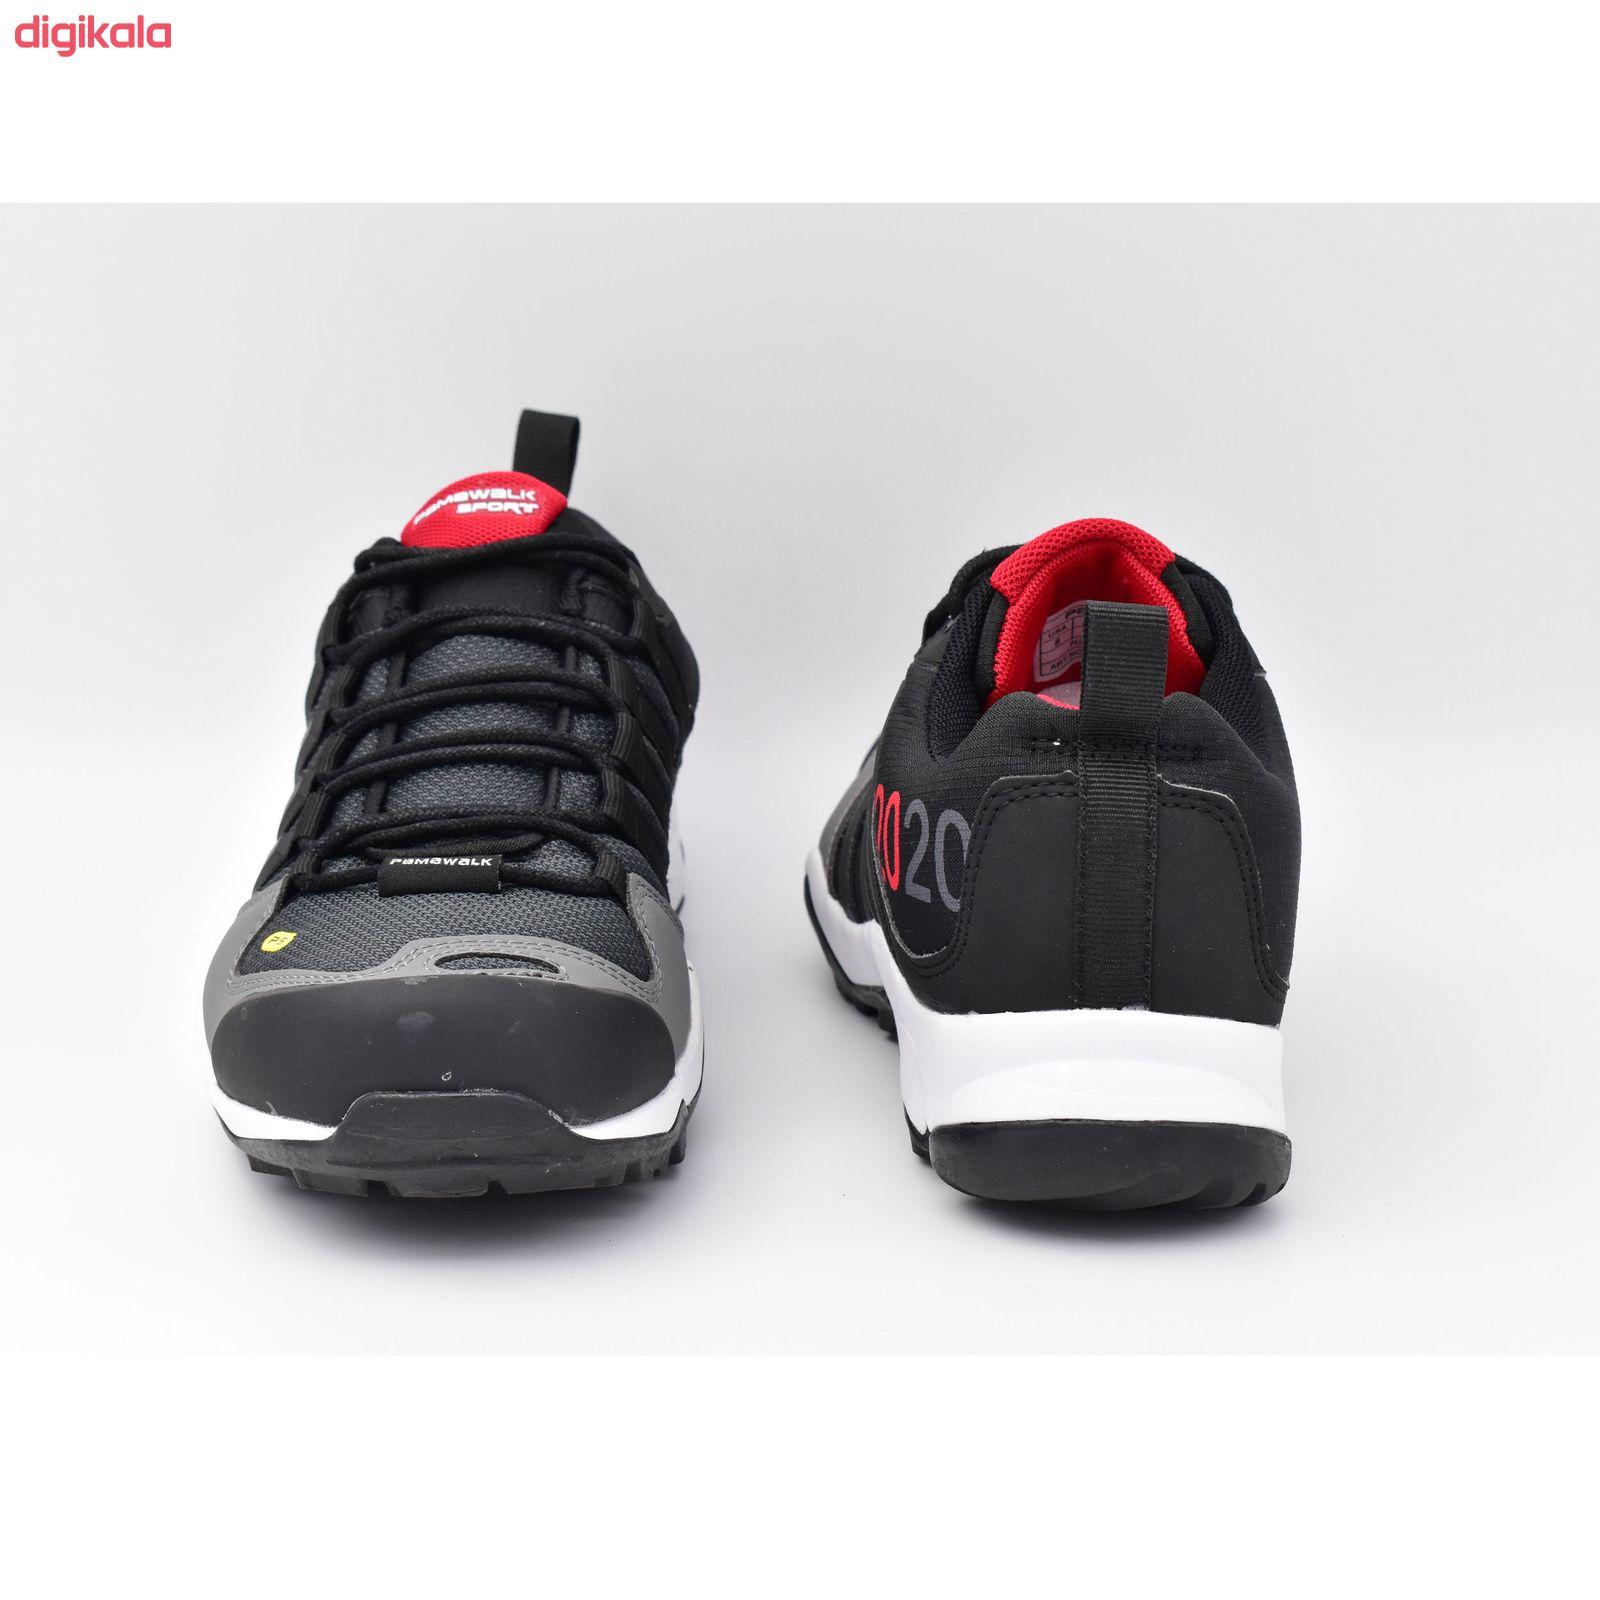 کفش پیاده روی مردانه پاما مدل TT کد 1080-2 main 1 10